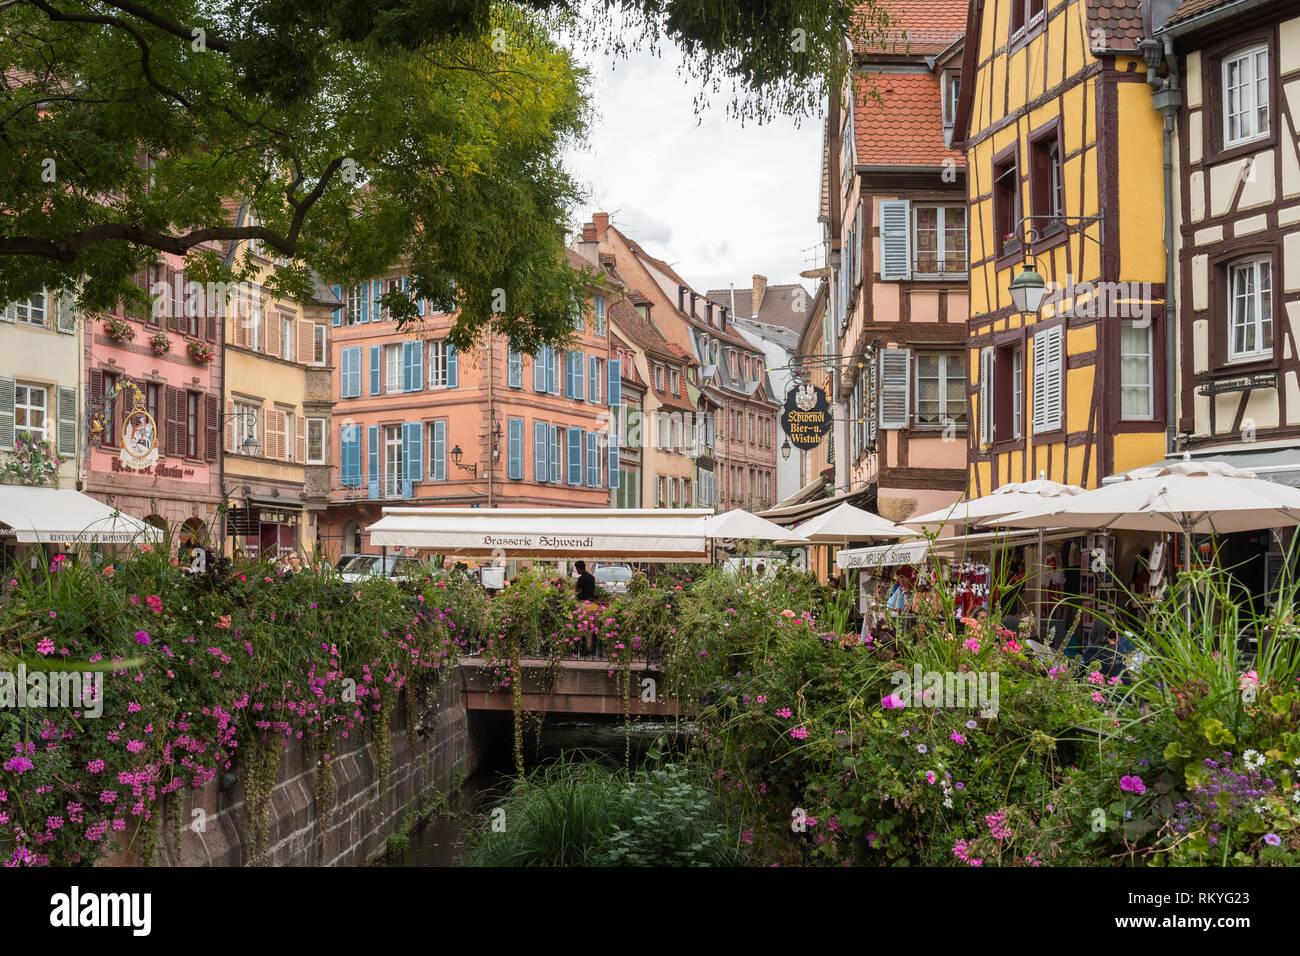 Les bâtiments de la vieille ville de Colmar et ses cafés de rue en été, Colmar, Alsace, France, Europe Photo Stock